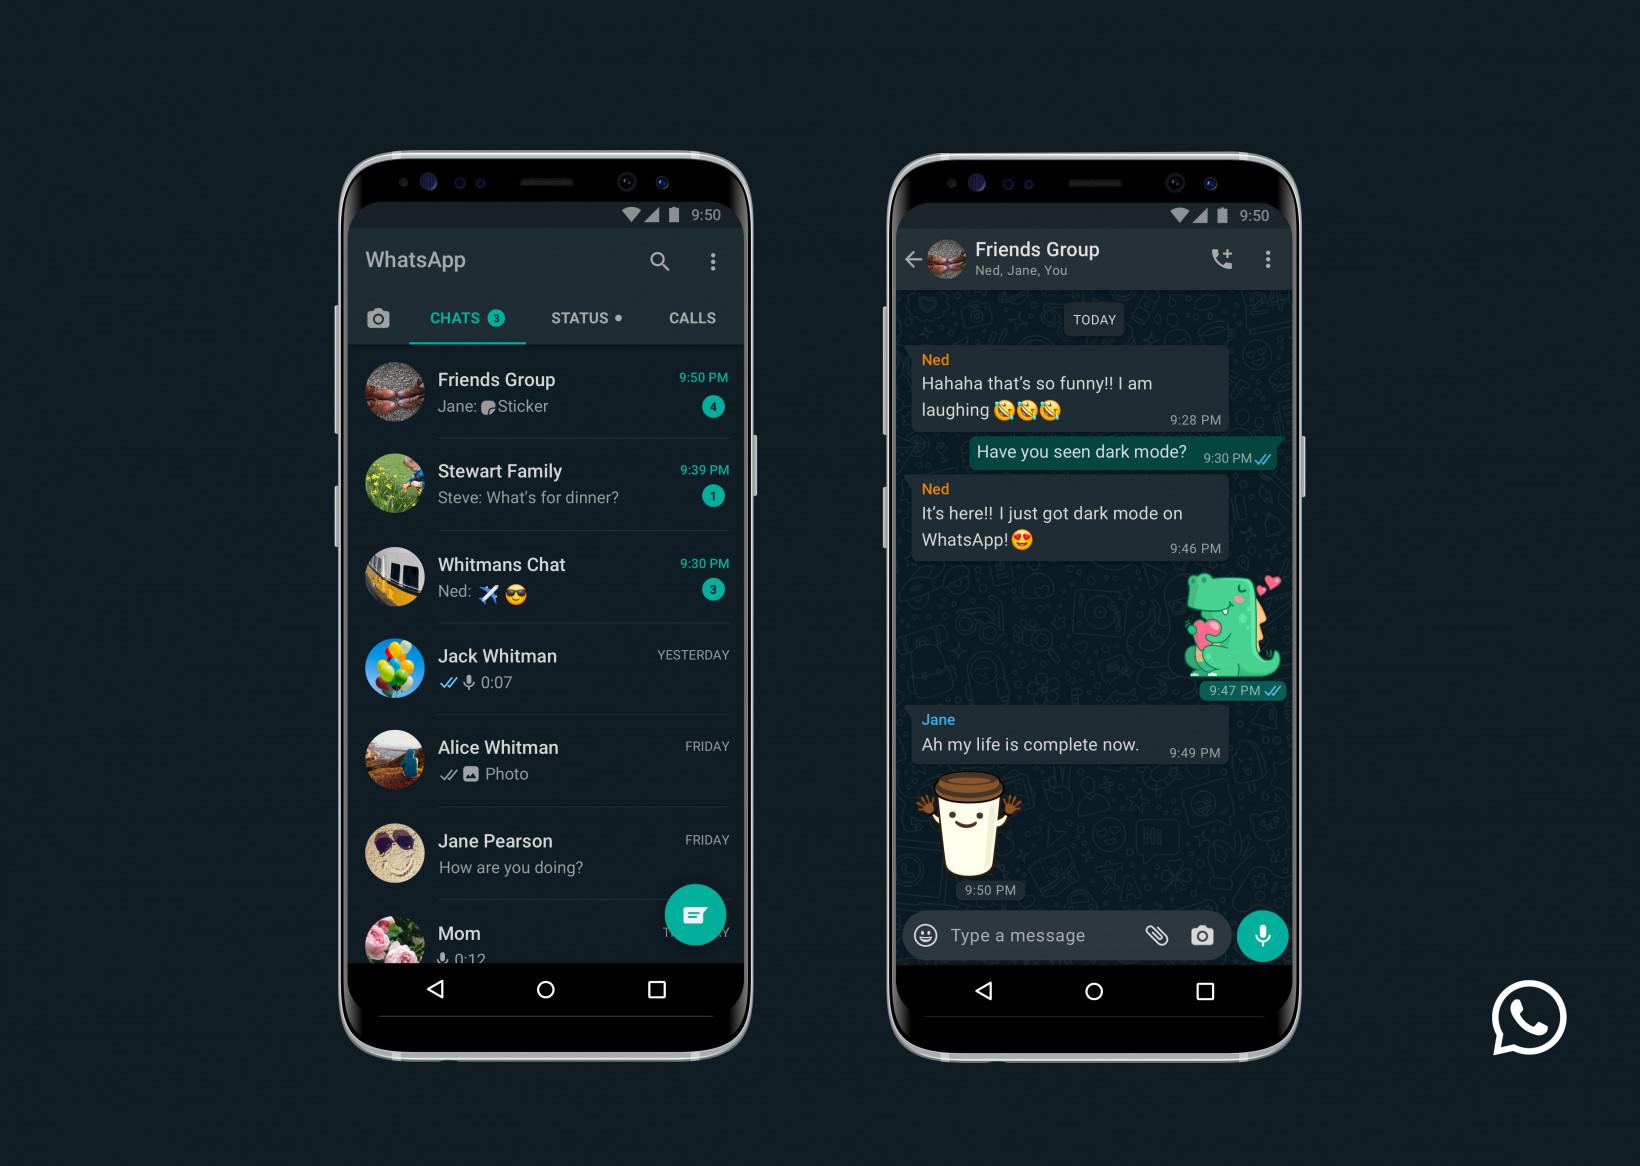 رسميًا تطبيق واتساب يدعم الوضع المظلم لجميع المستخدمين